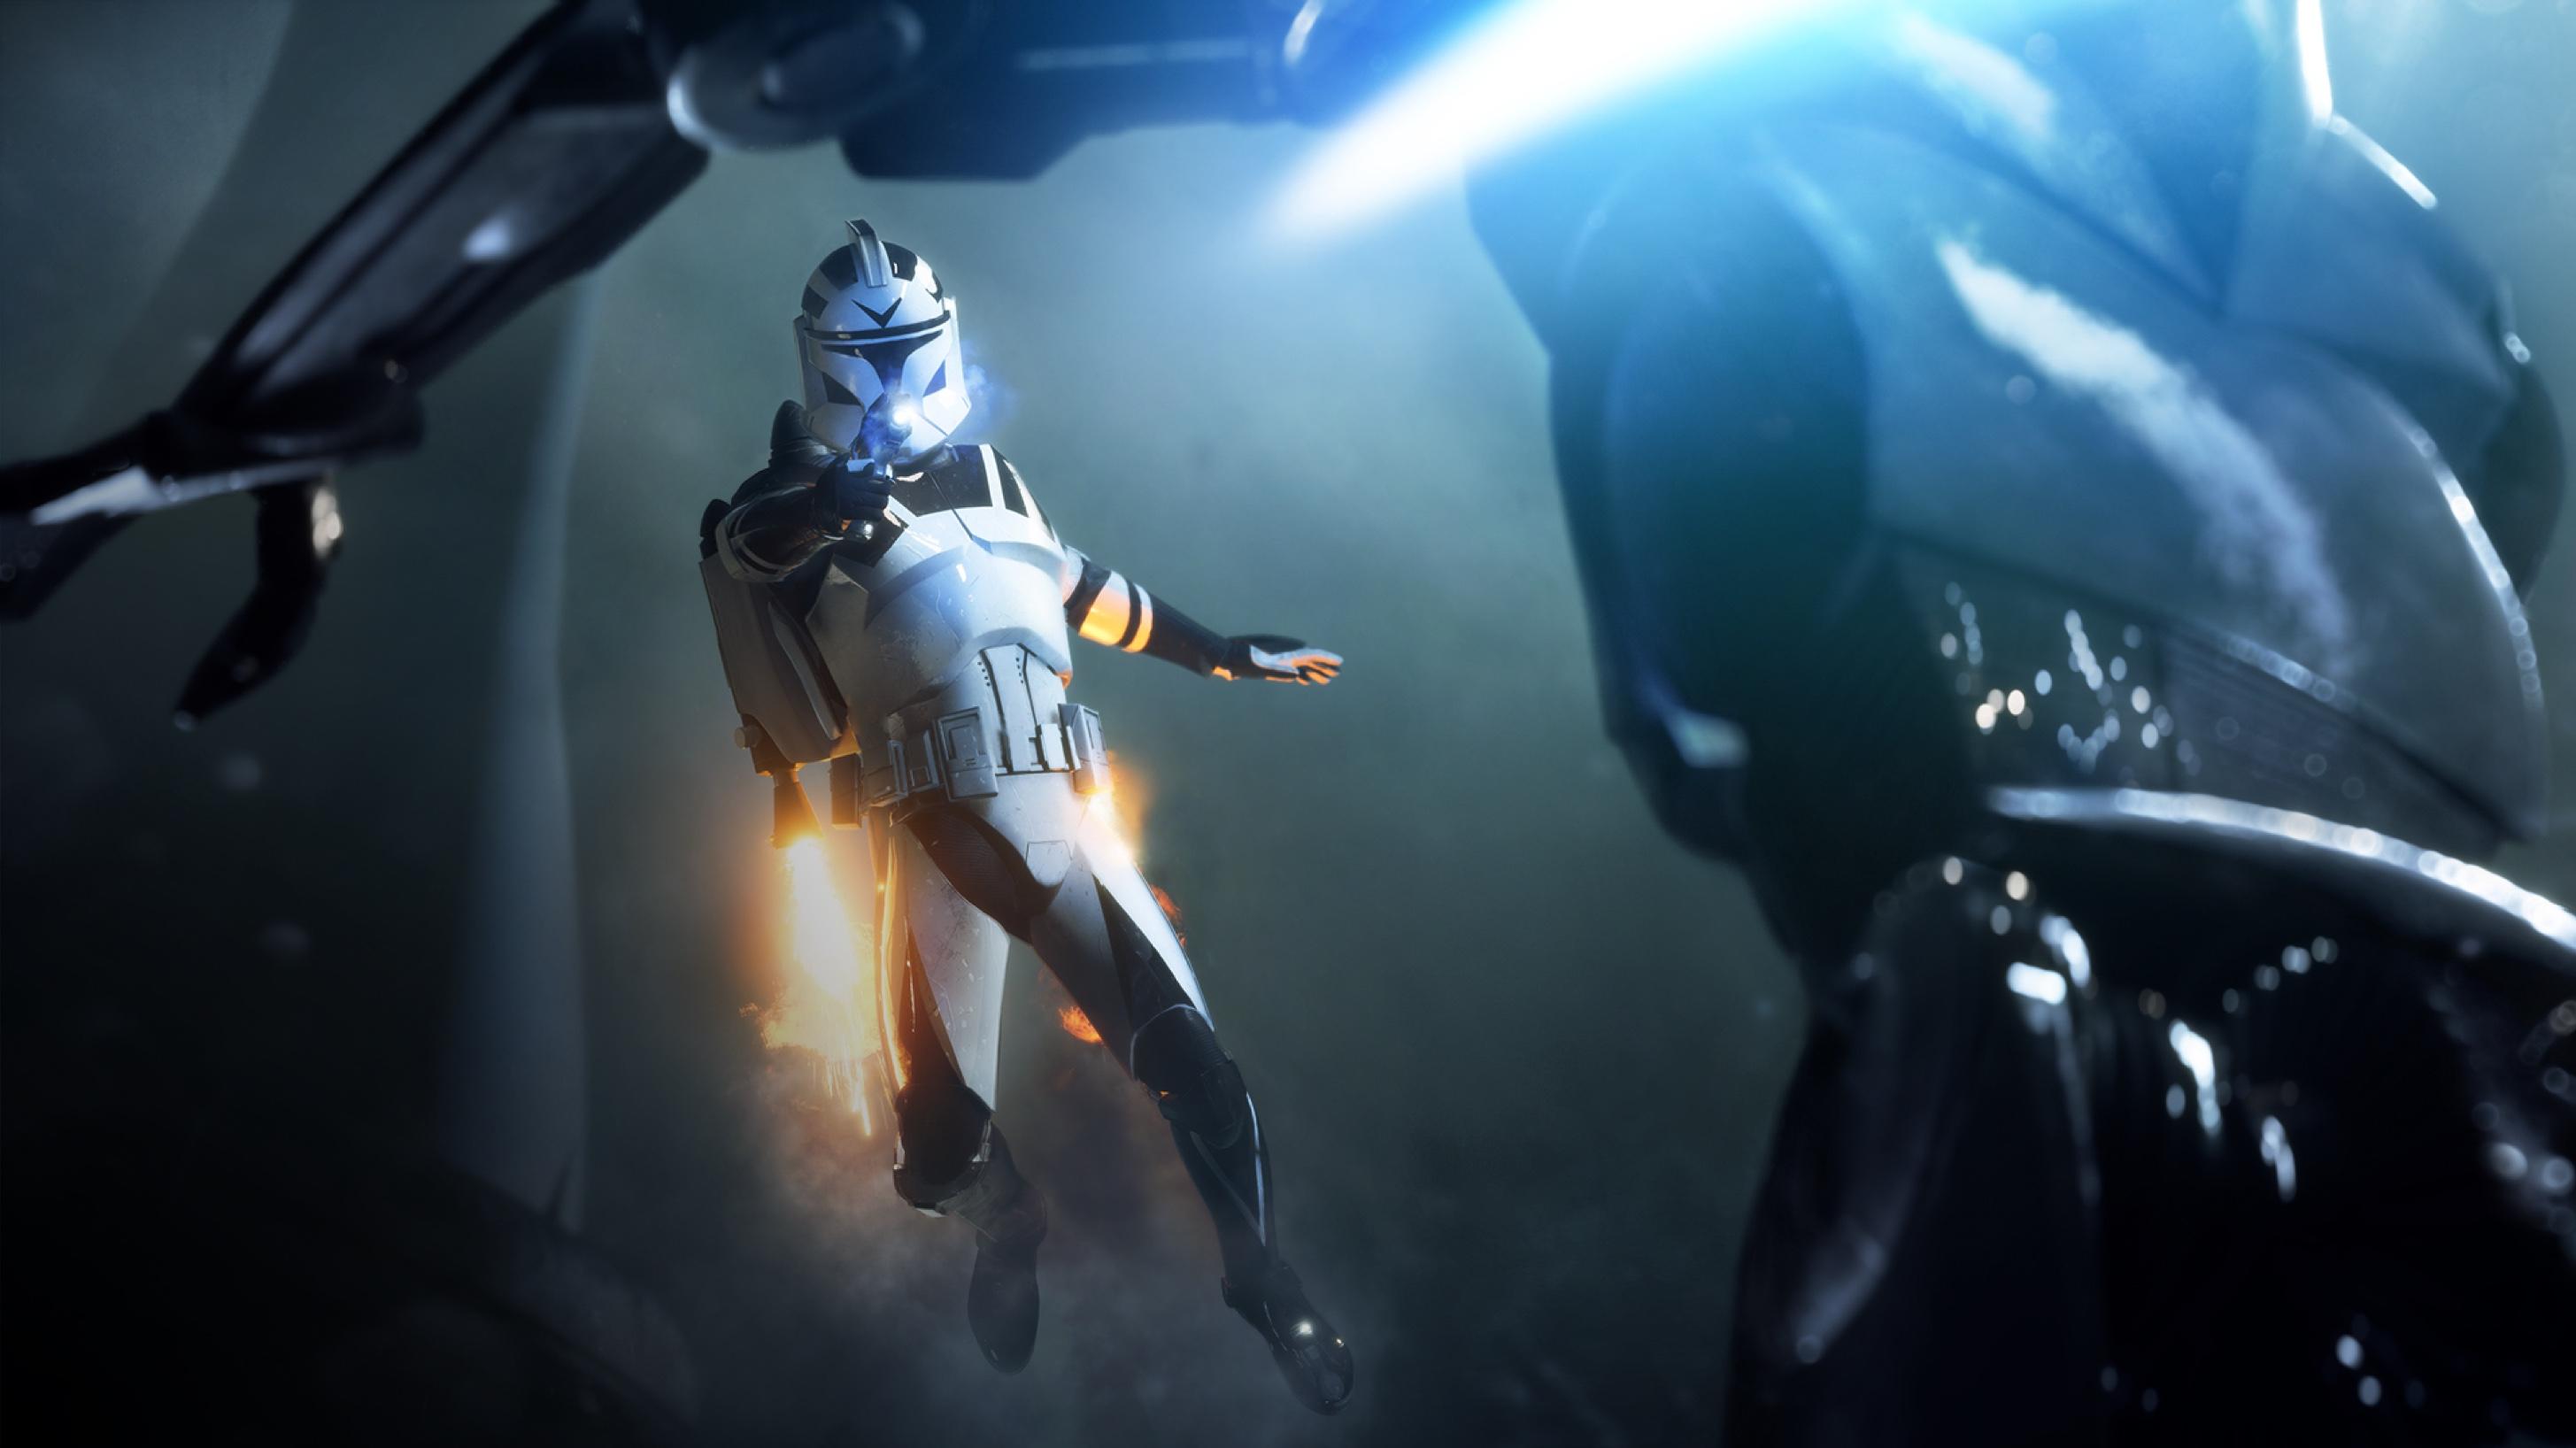 Star Wars Ea Battlefront 2 Wallpaper Hd Hi Res 12 Geek Carl